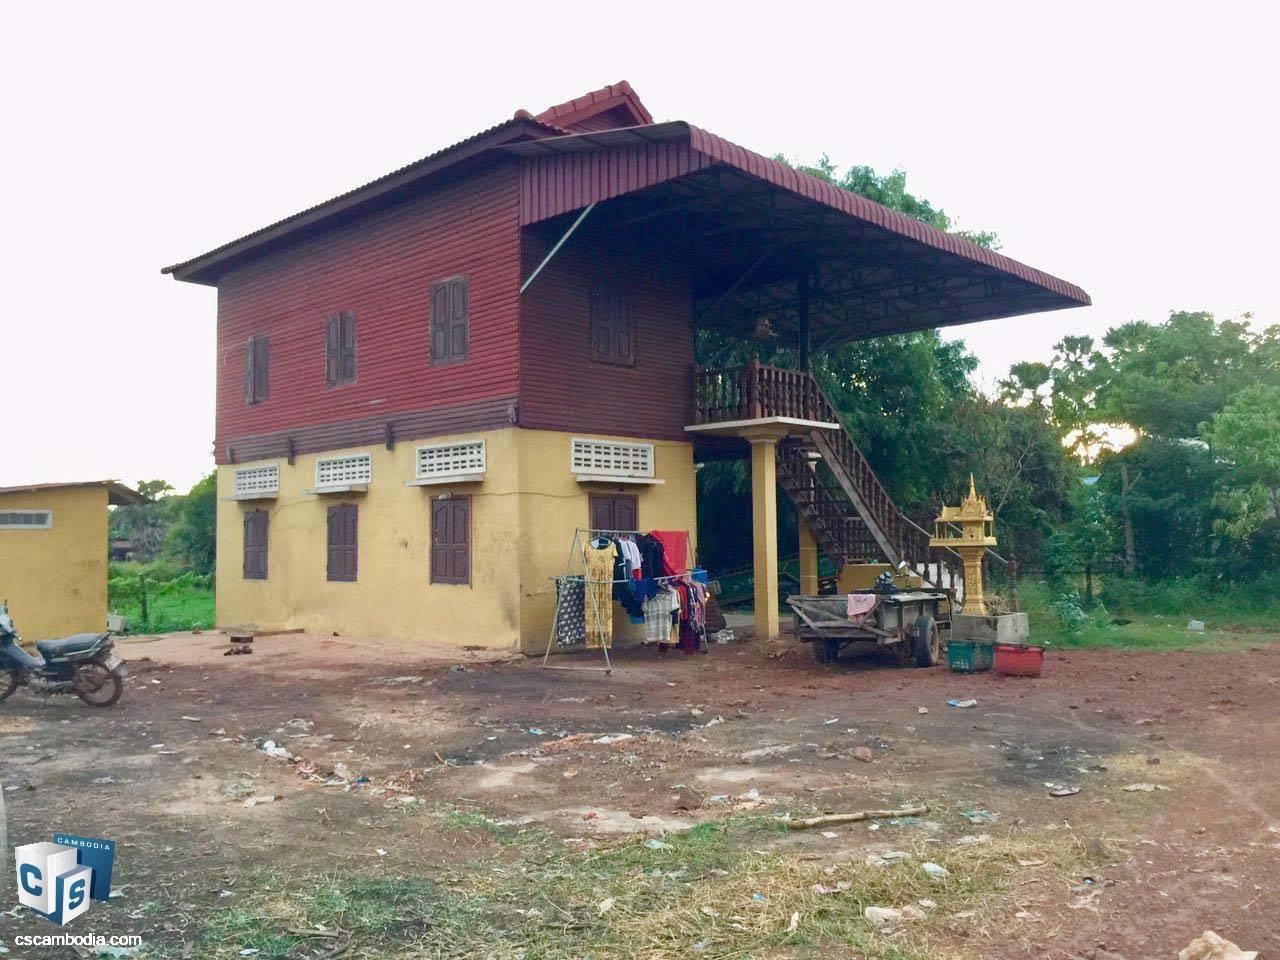 3 Bedroom House – For Sale  – Svay Dangkom Commune – Siem Reap